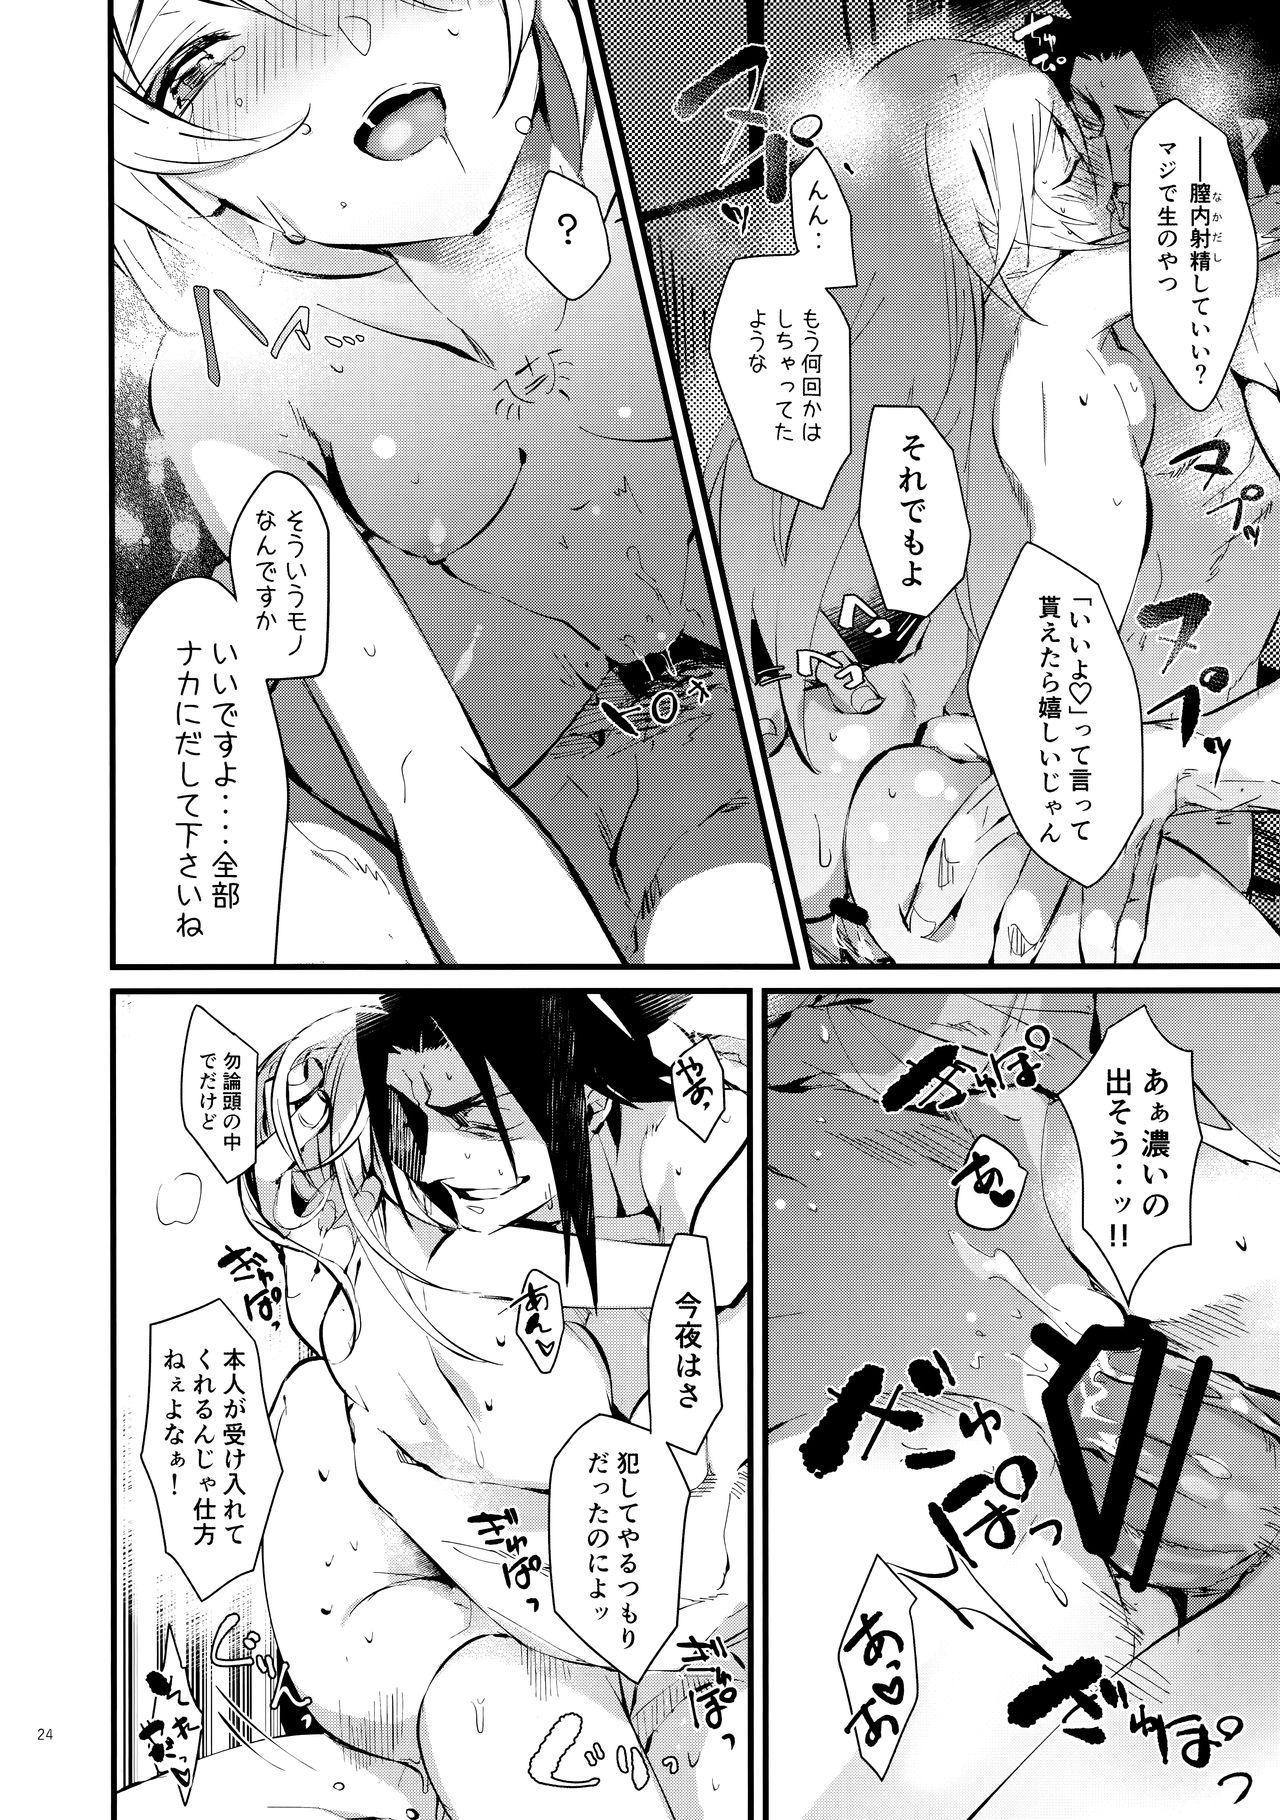 Seiya ni wa Aitakunai. 22